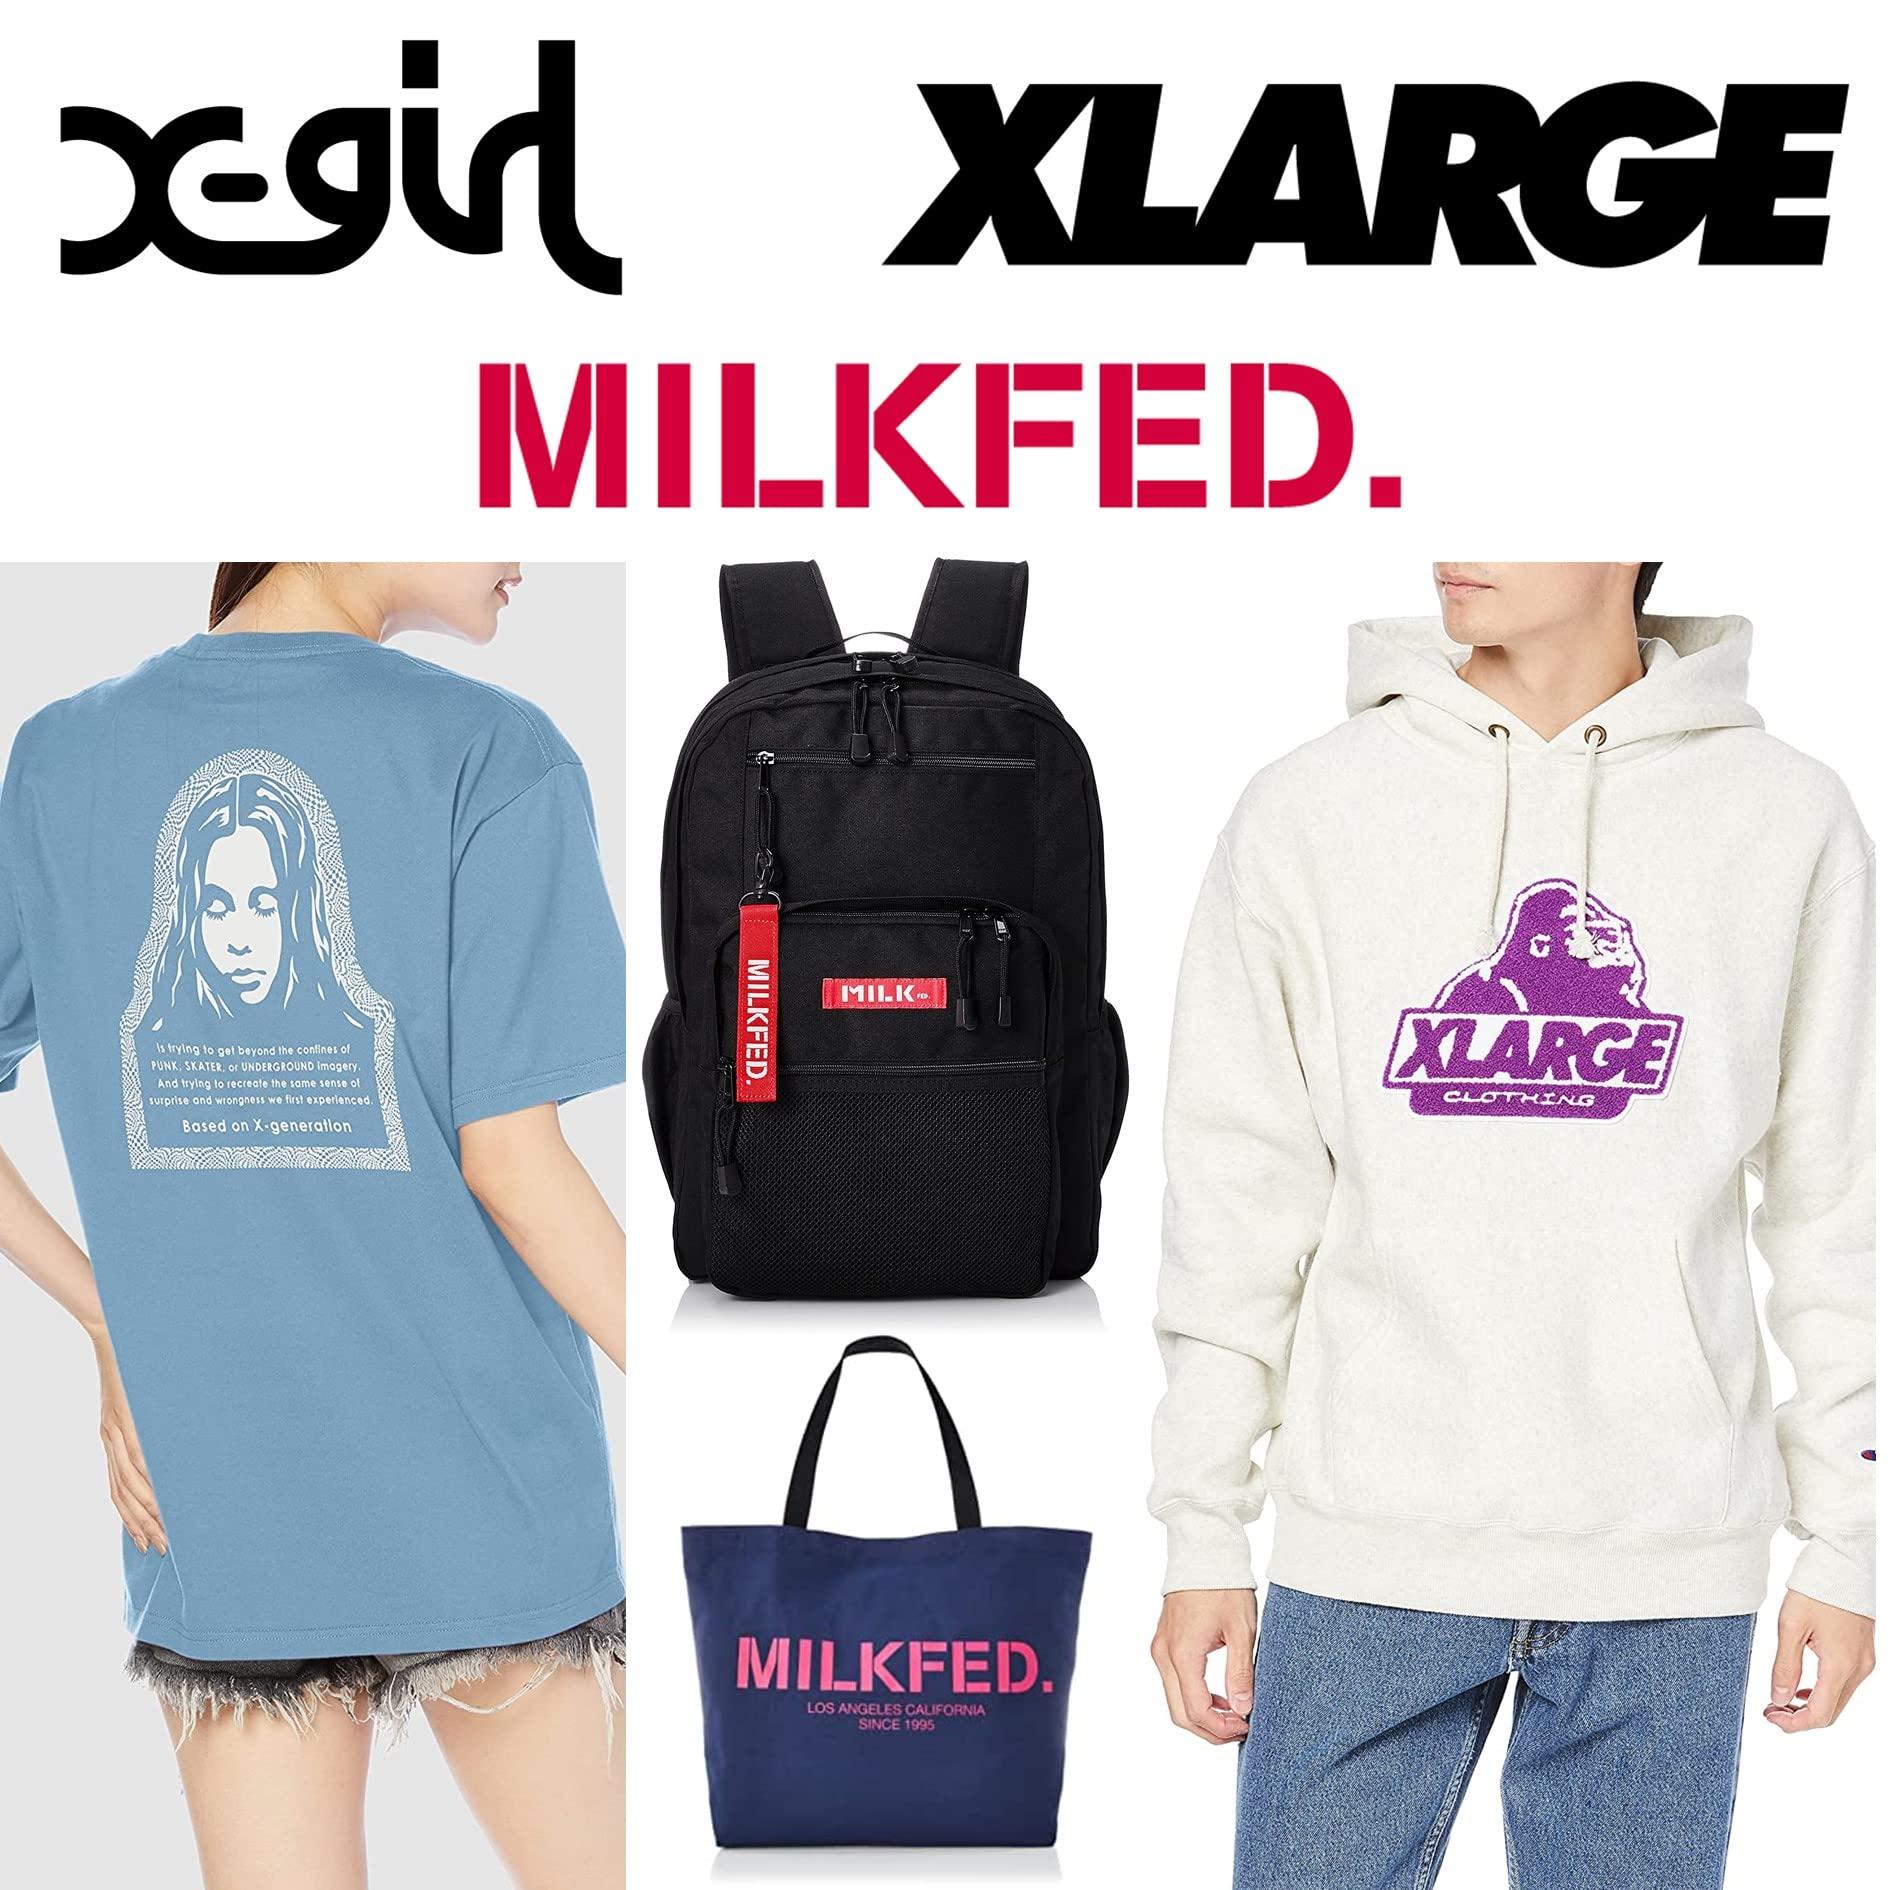 エックスガール、ミルクフェドがお買い得; セール価格: ¥891 - ¥13,349